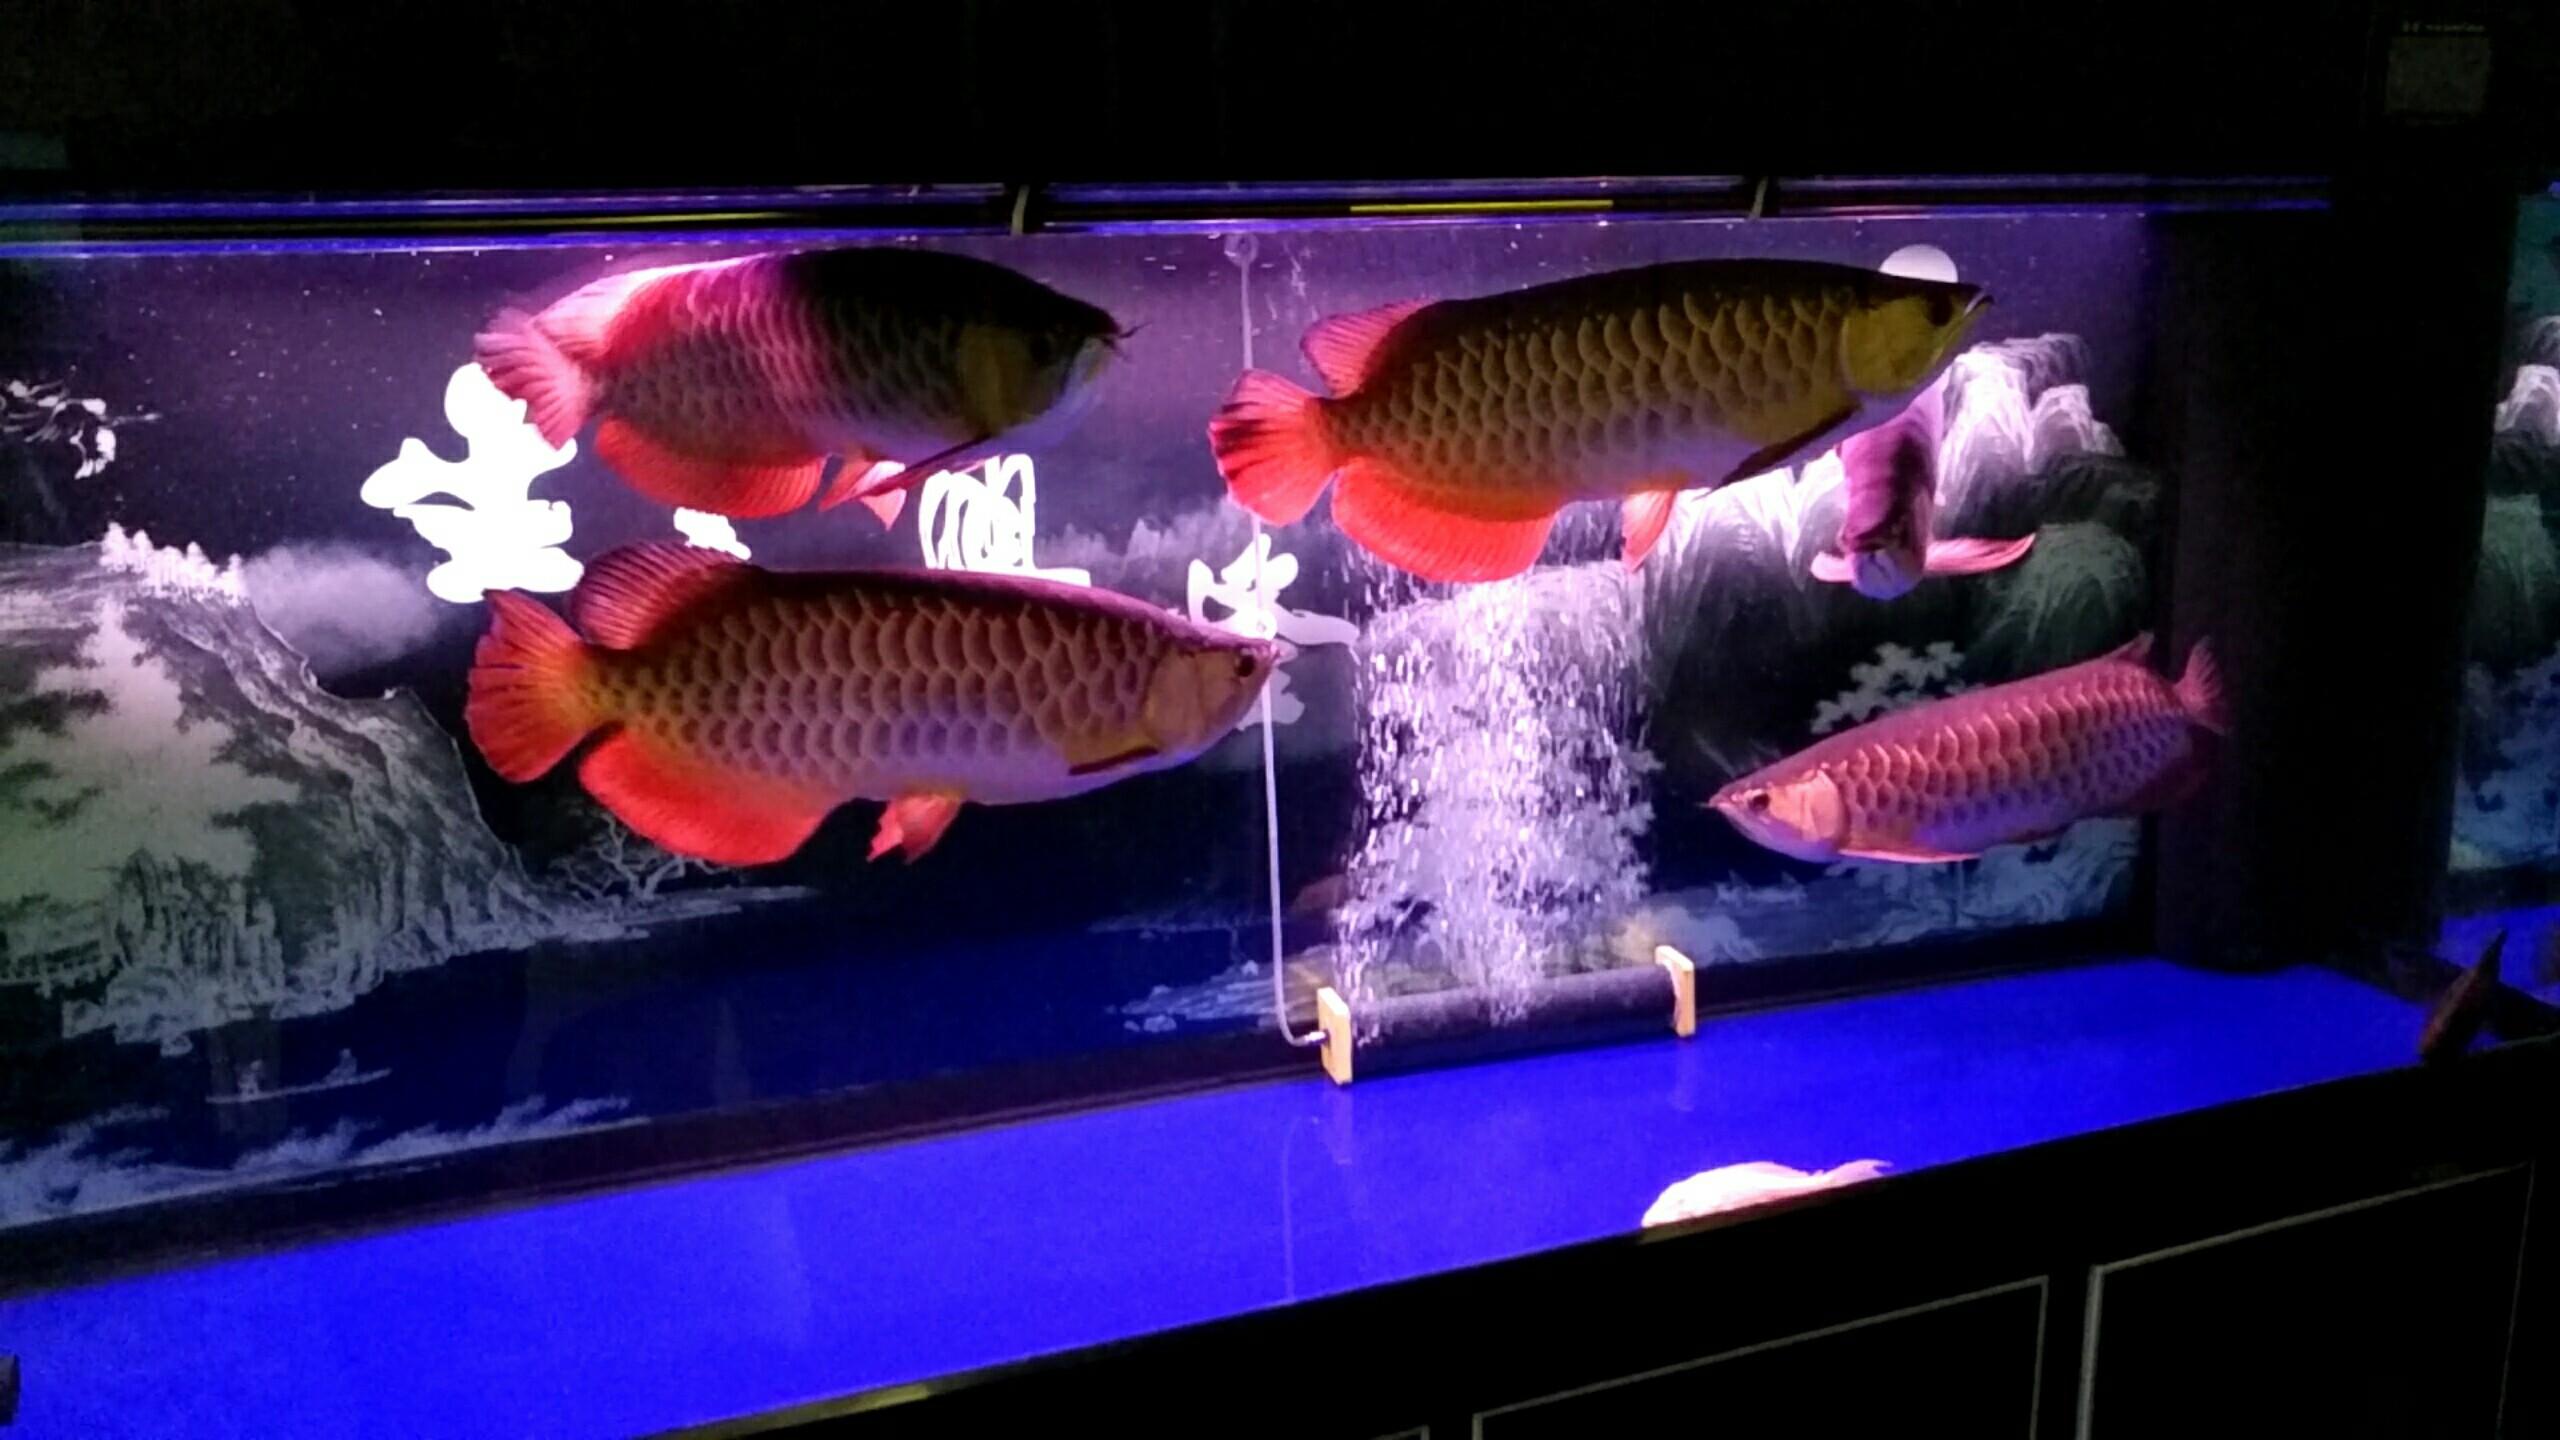 北京观赏水族箱大伙给看看 北京观赏鱼 北京龙鱼第4张